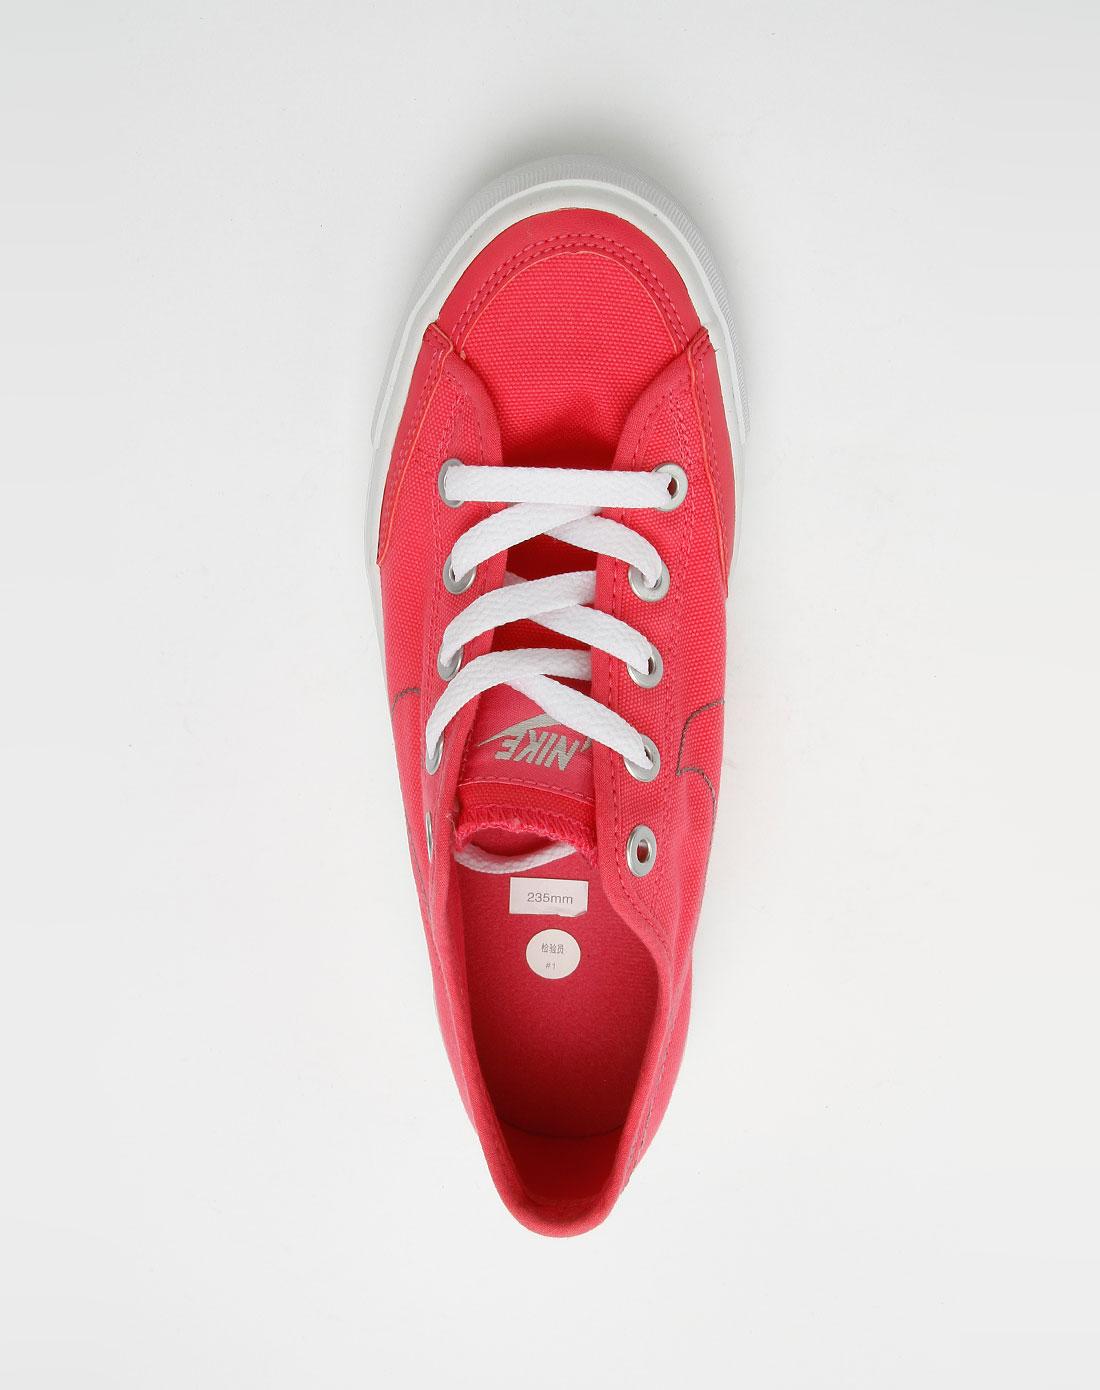 耐克nike火花红色时尚经典布鞋443928-600